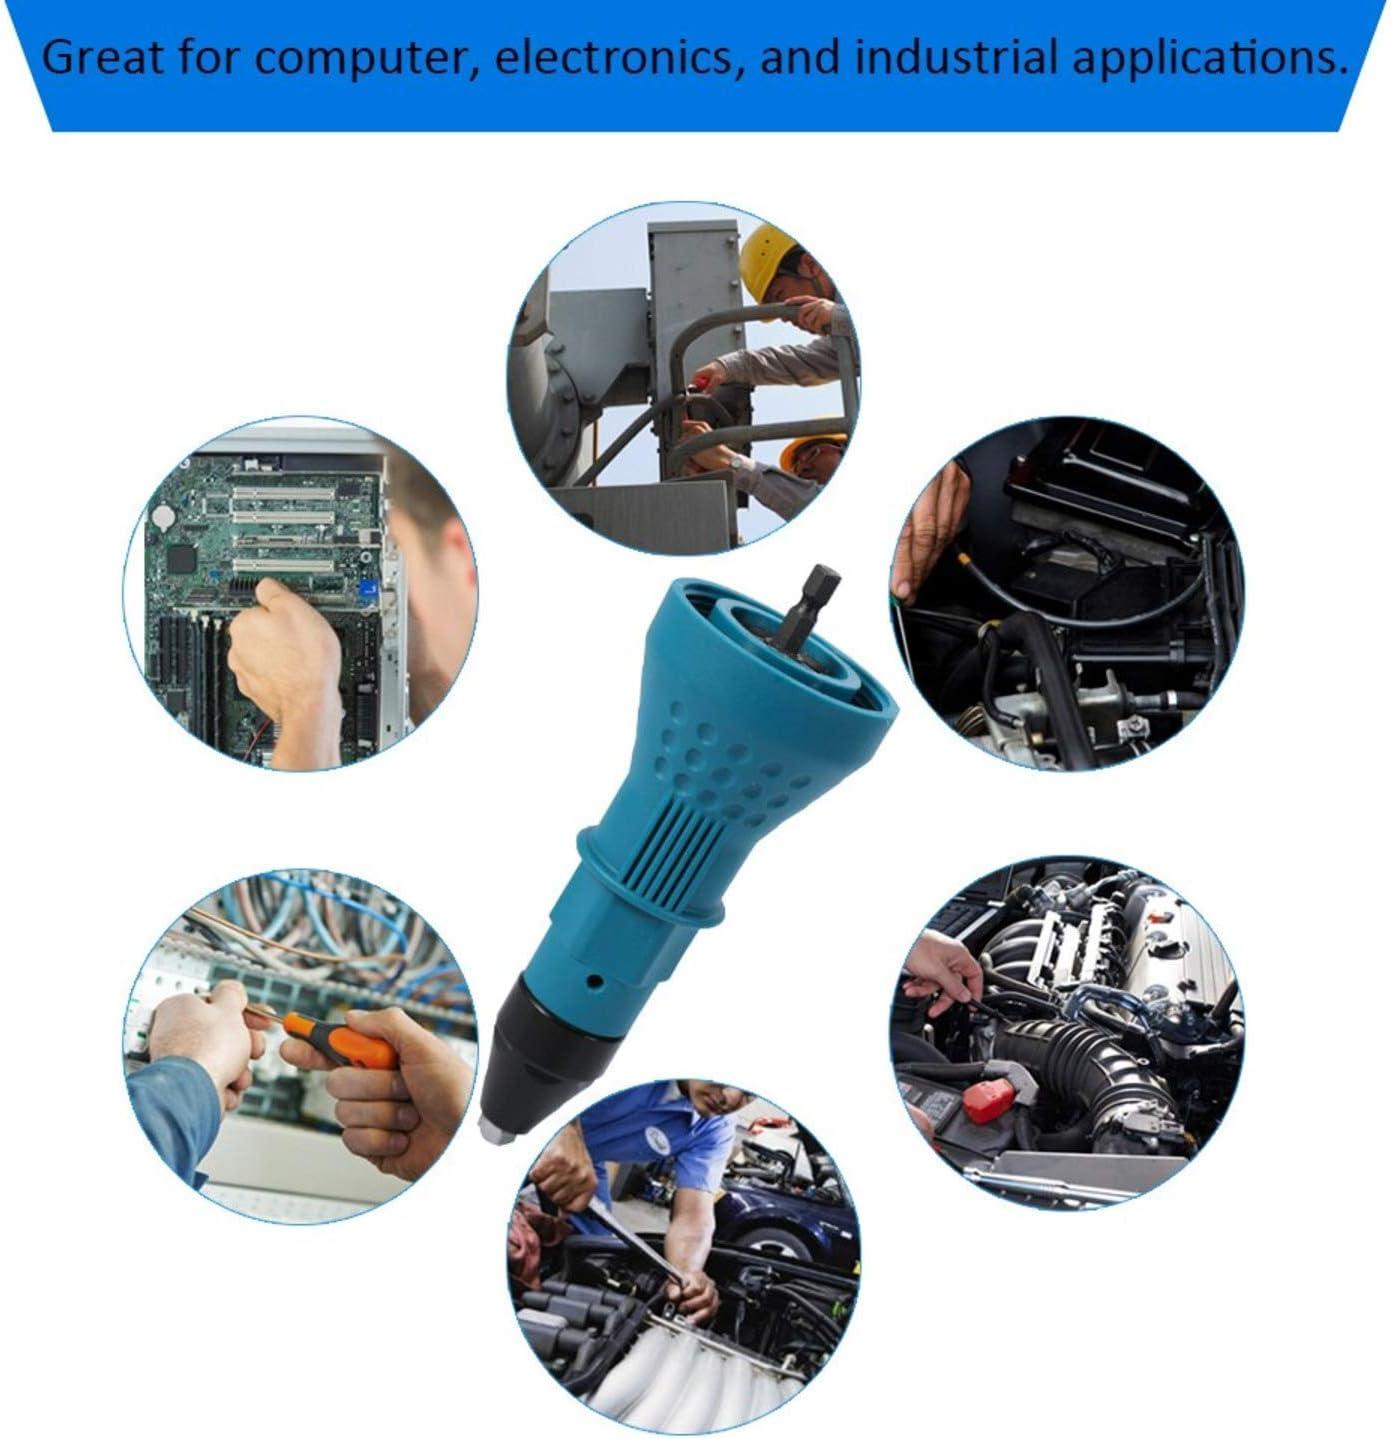 kit dadaptation pour perceuse buse d/échange pour /écrou d/étachable Noir outil de rivetage durable Riveteuse /électrique pistolet /à riveter portable